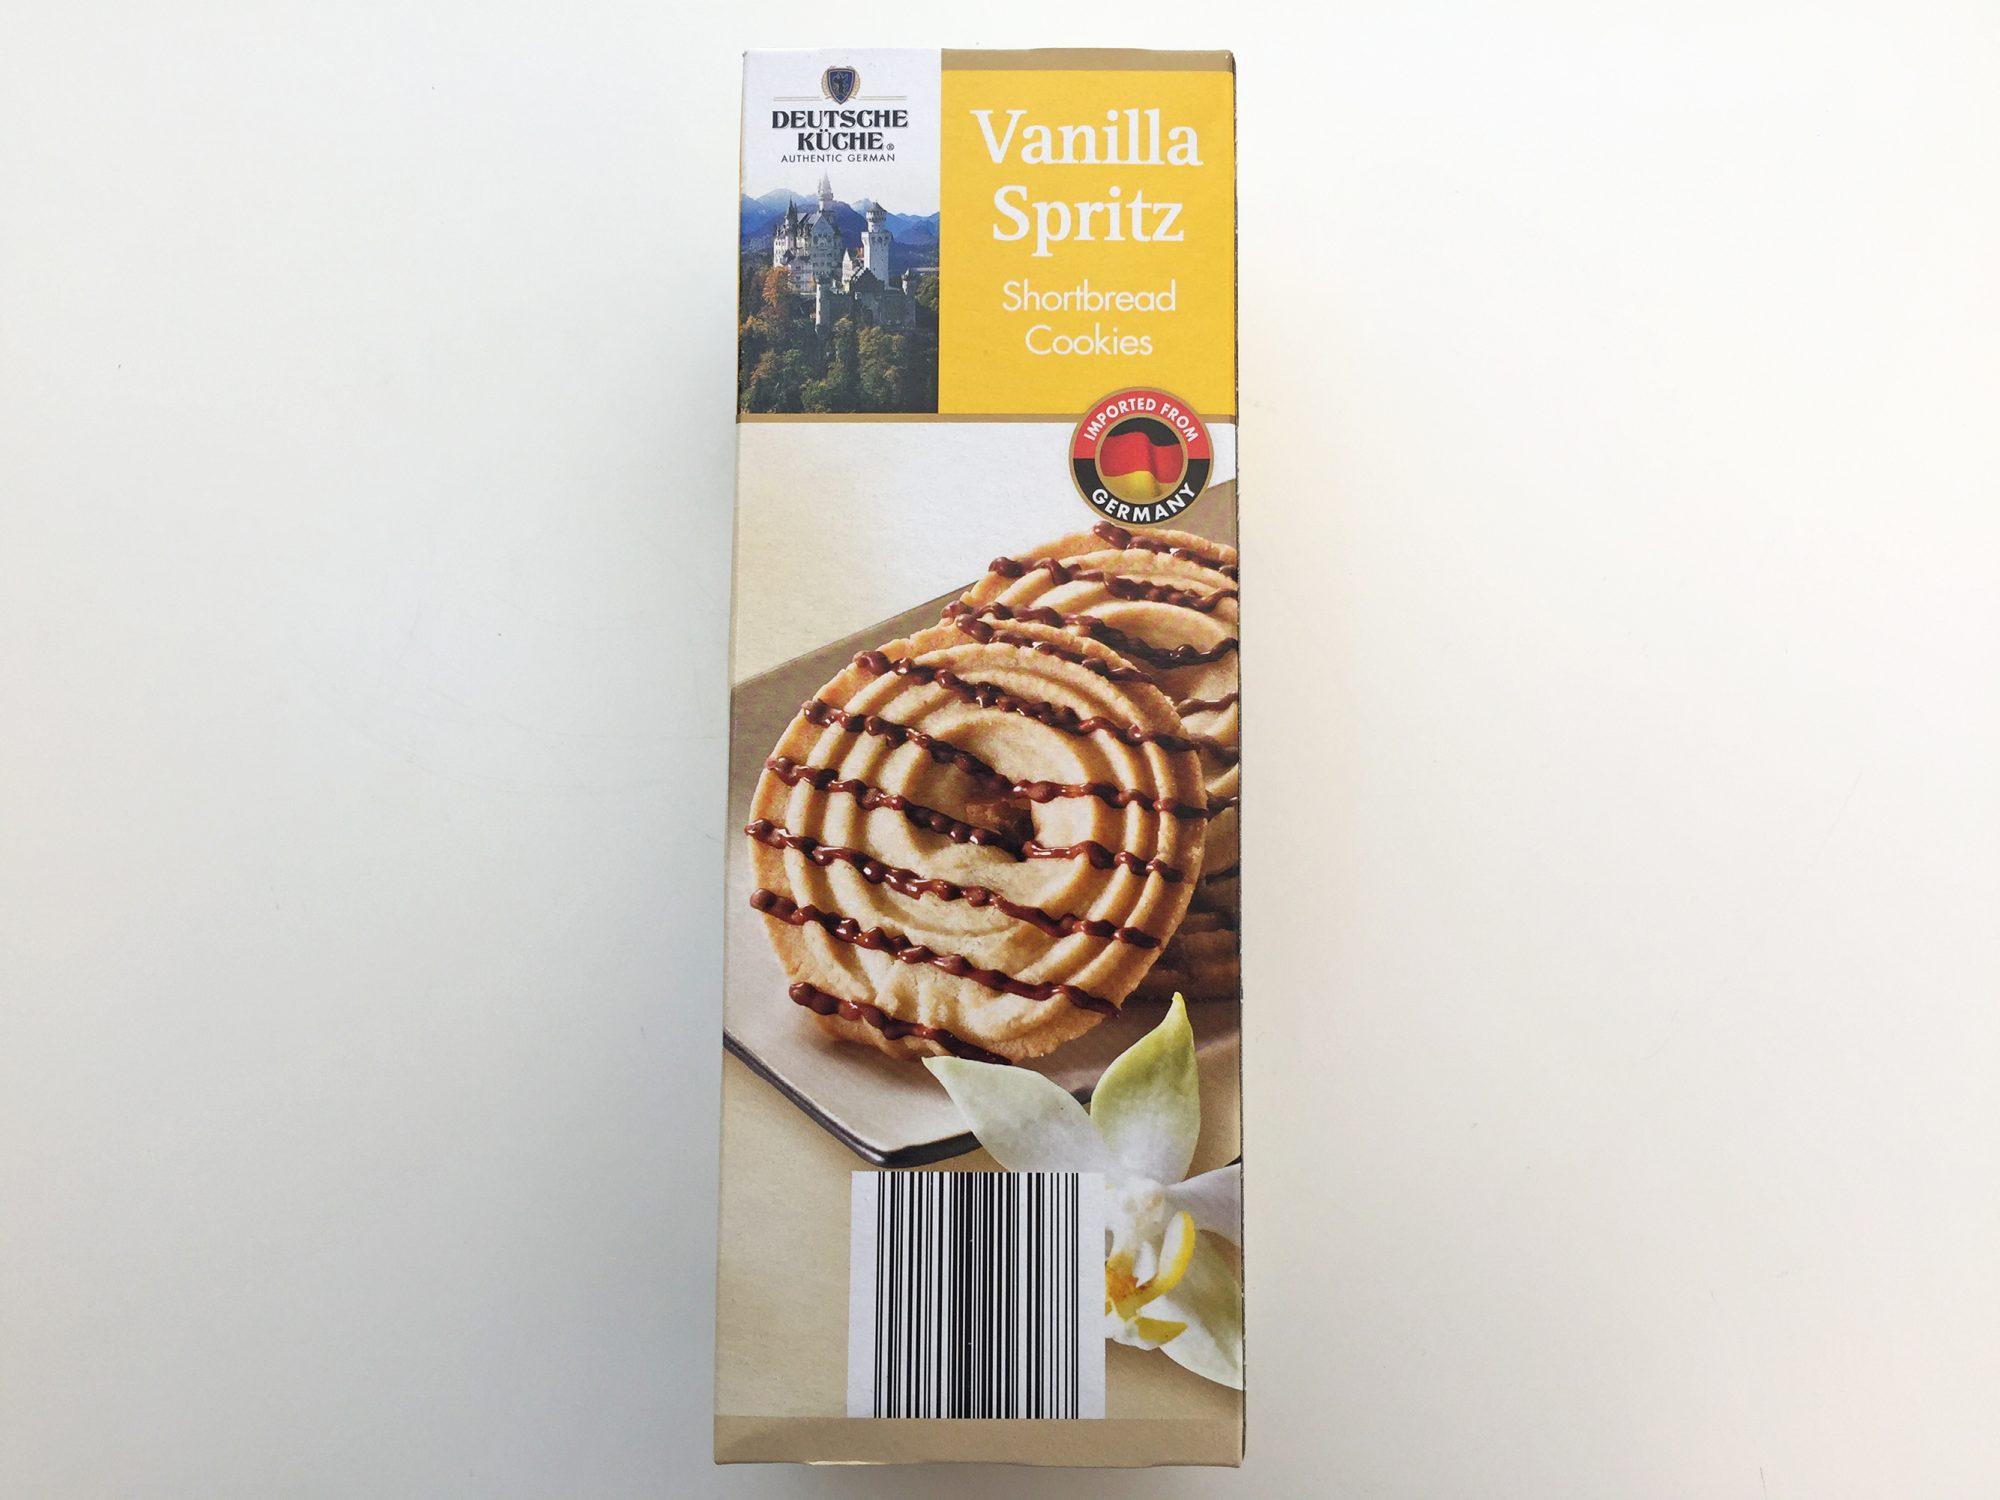 vanilla-spritz-shortbread-cookie-image